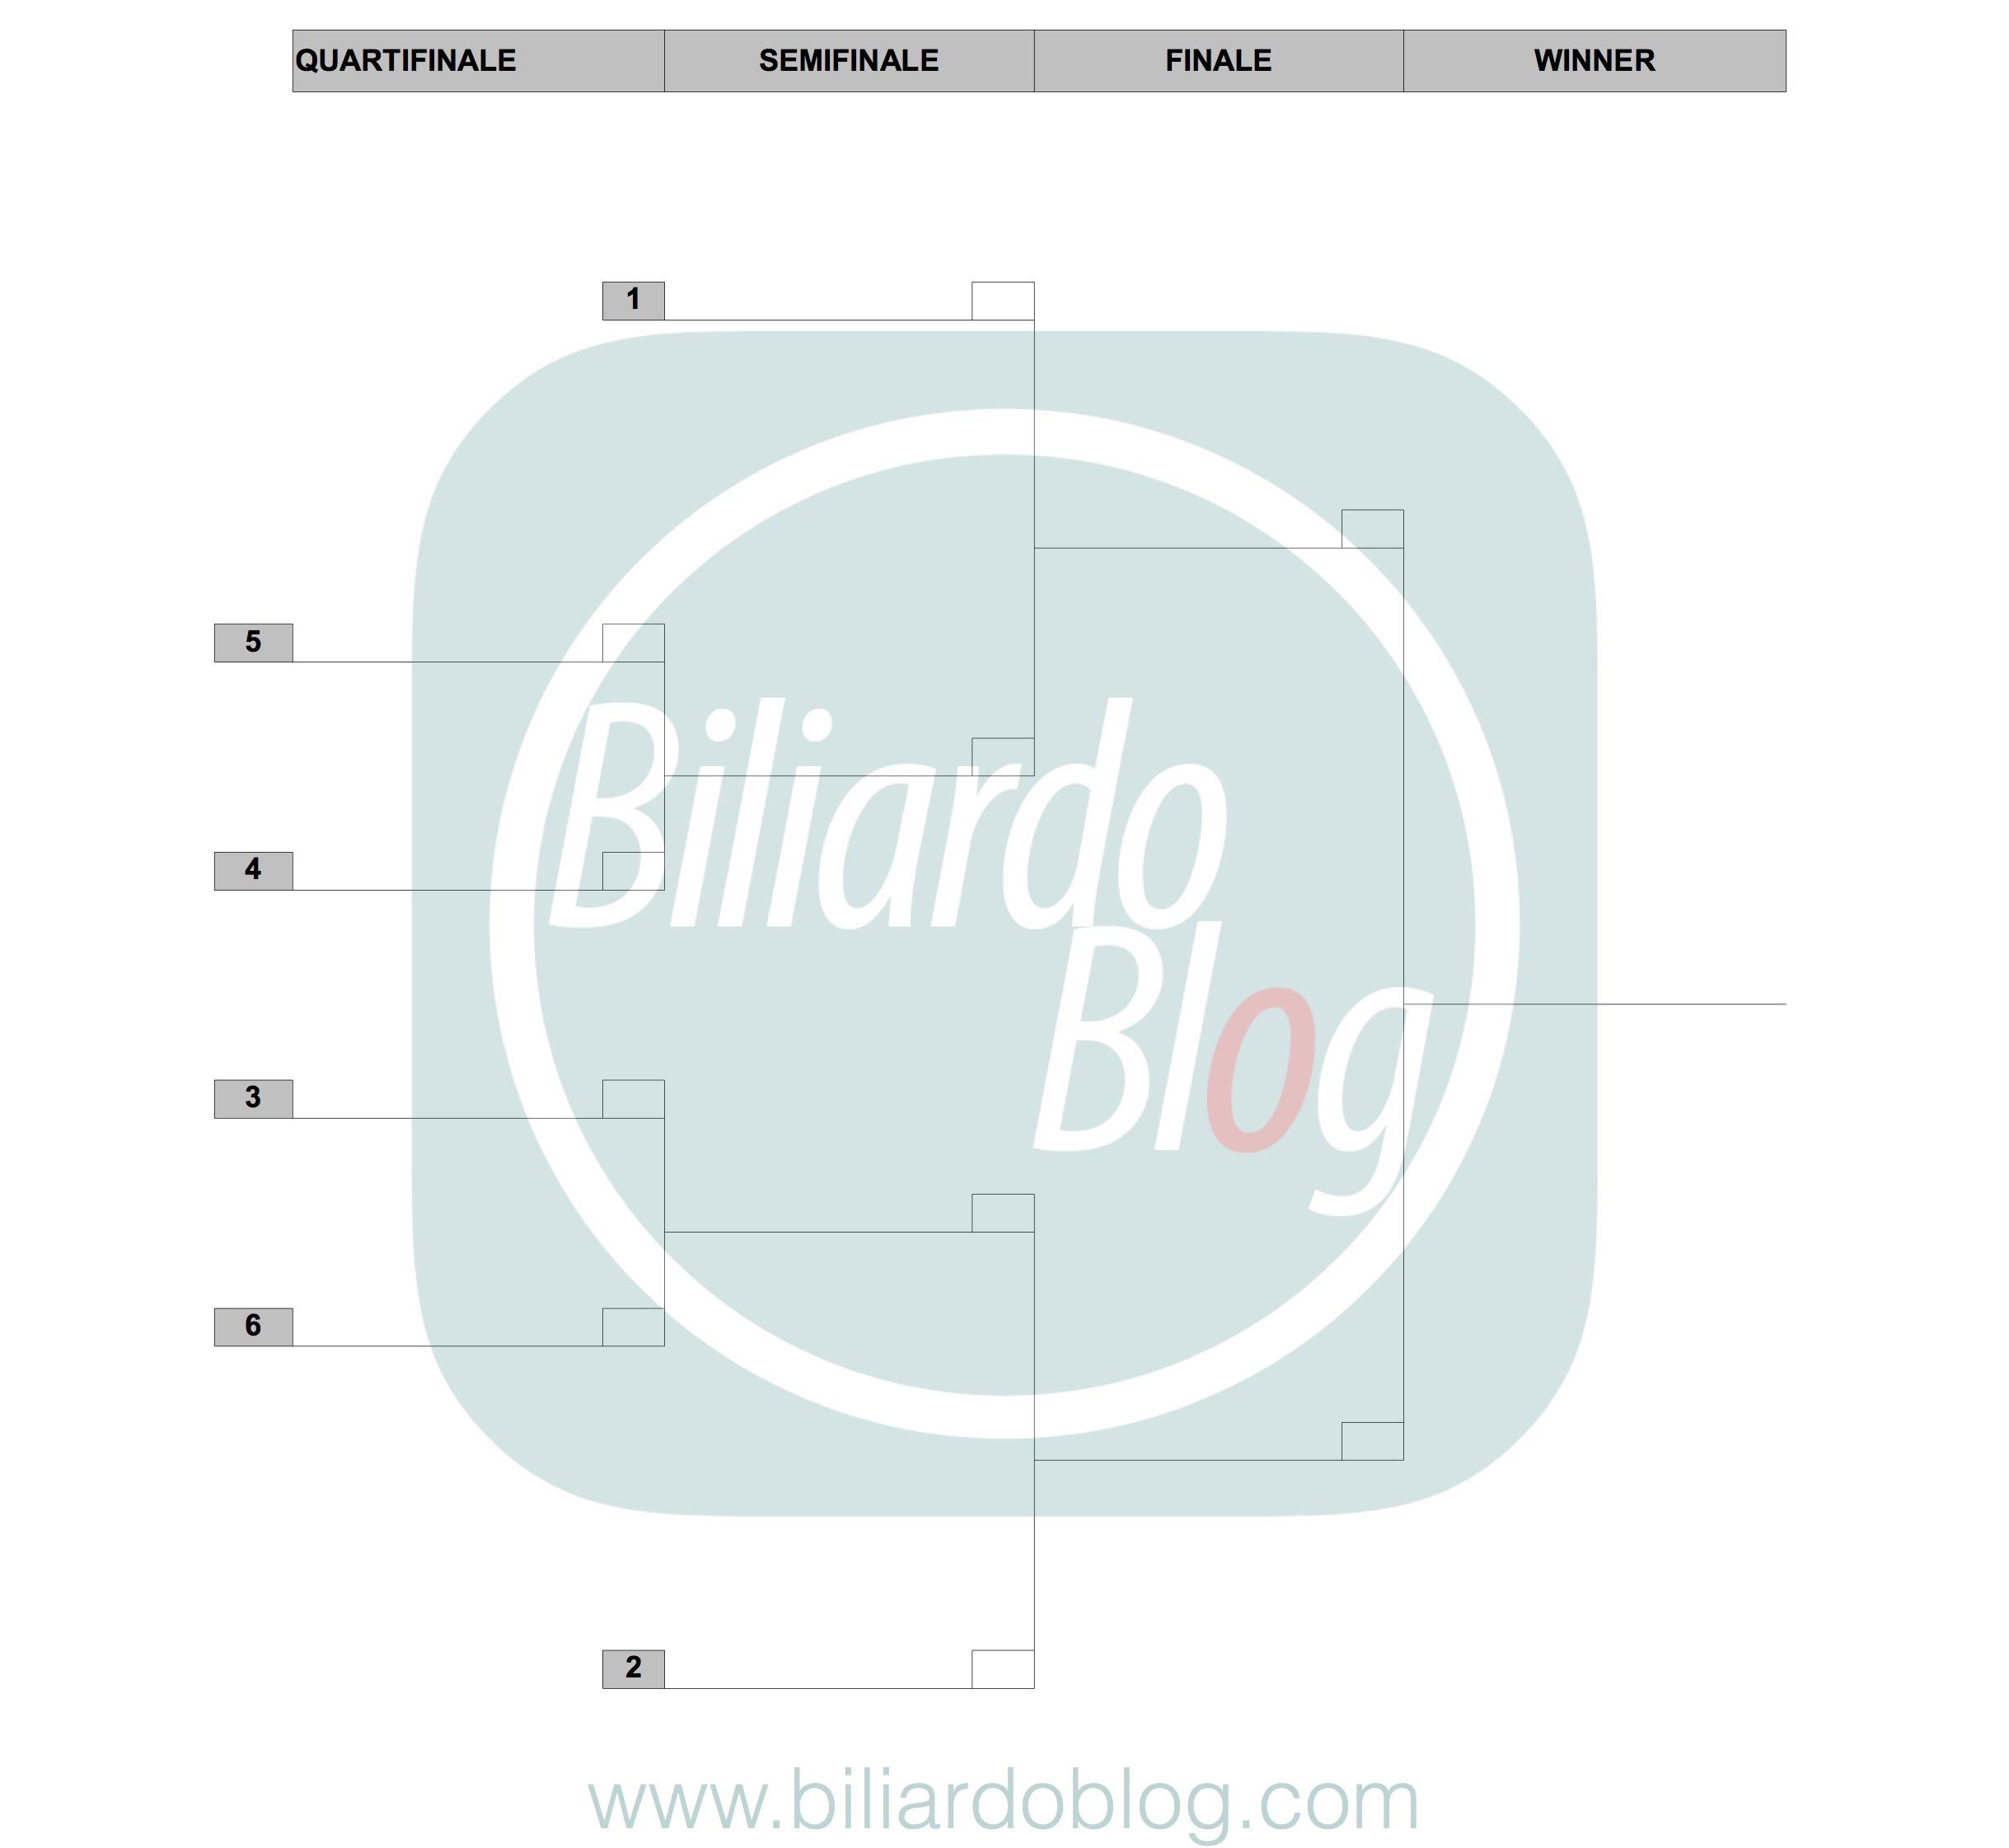 Campionato BTP di Biliardo 2017 2018: Griglia Pro